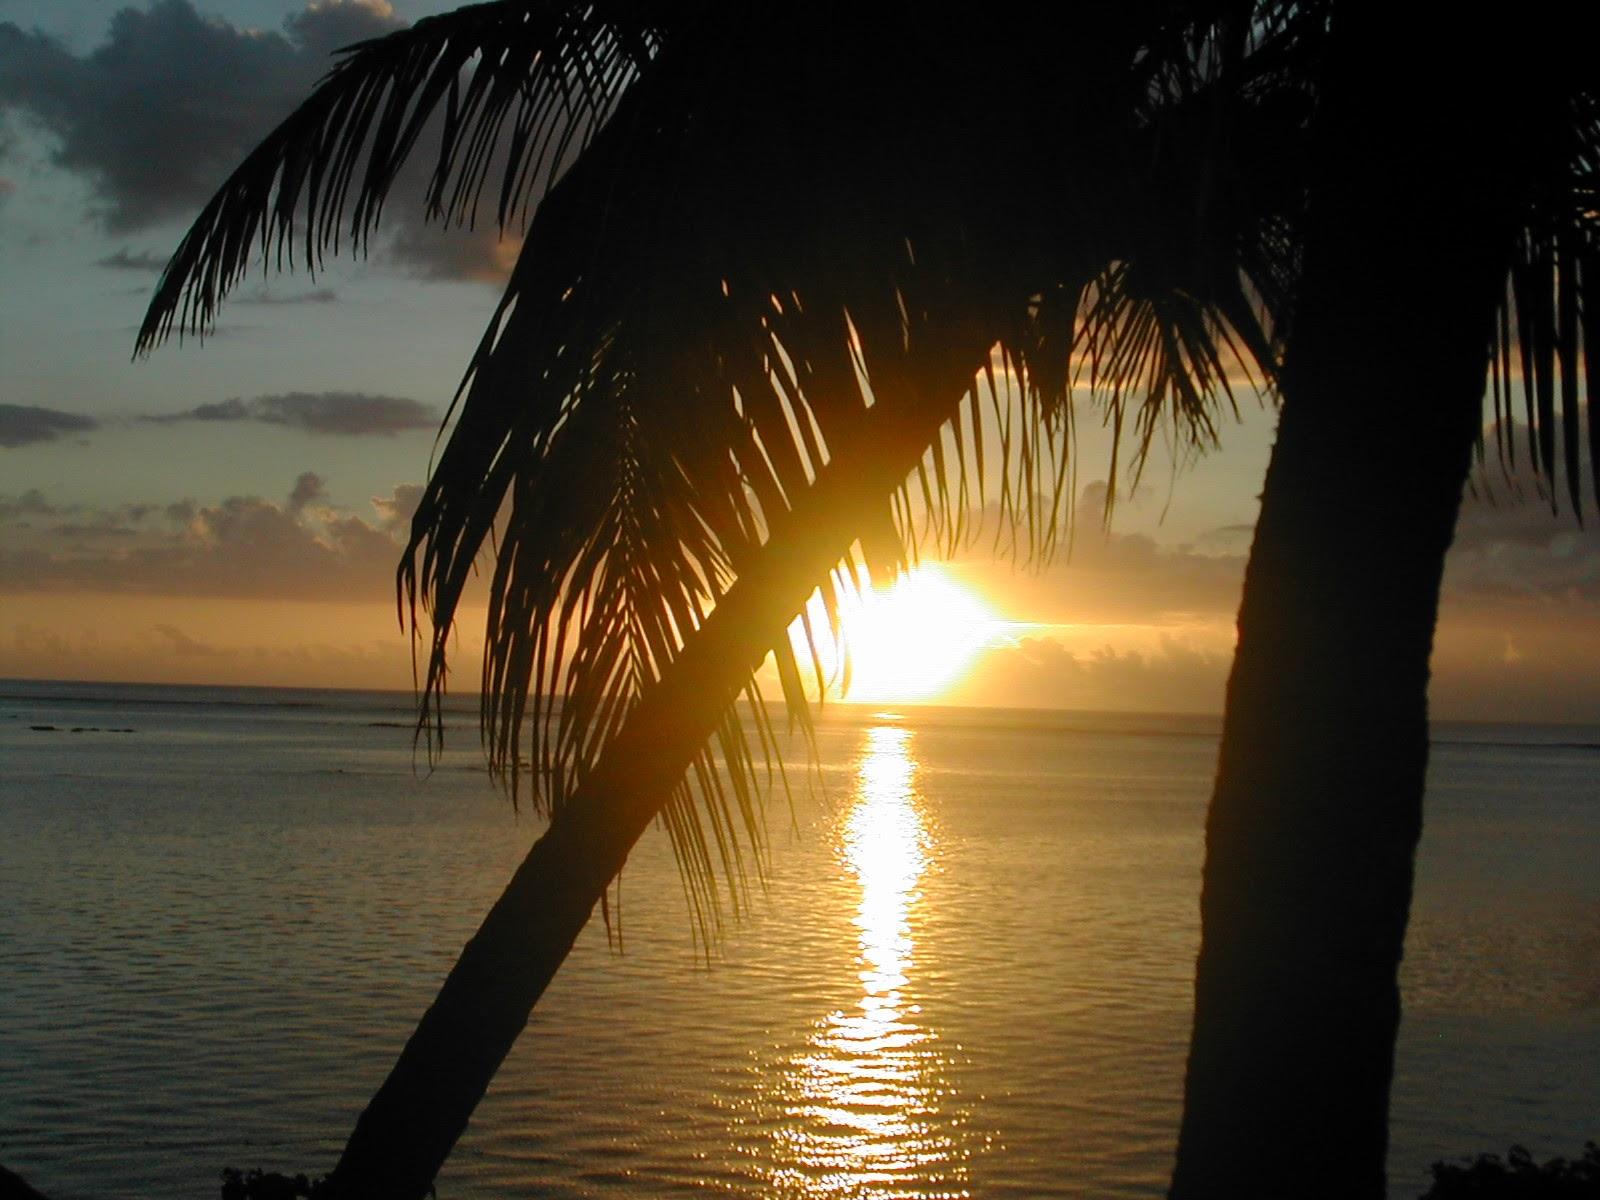 couche soleil.jpg